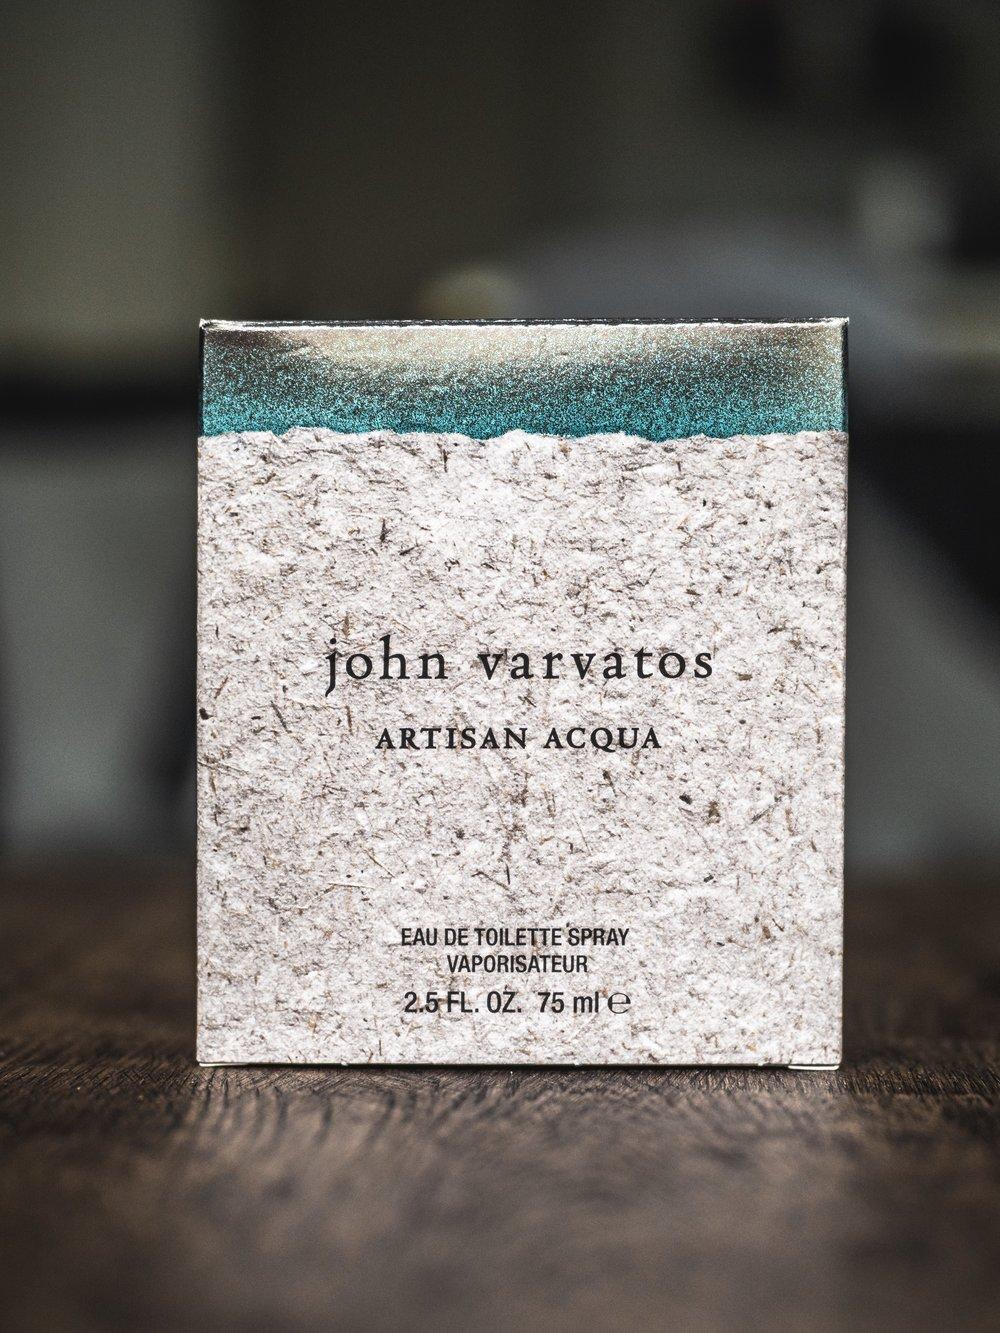 John Varvatos Artisan Acqua Review